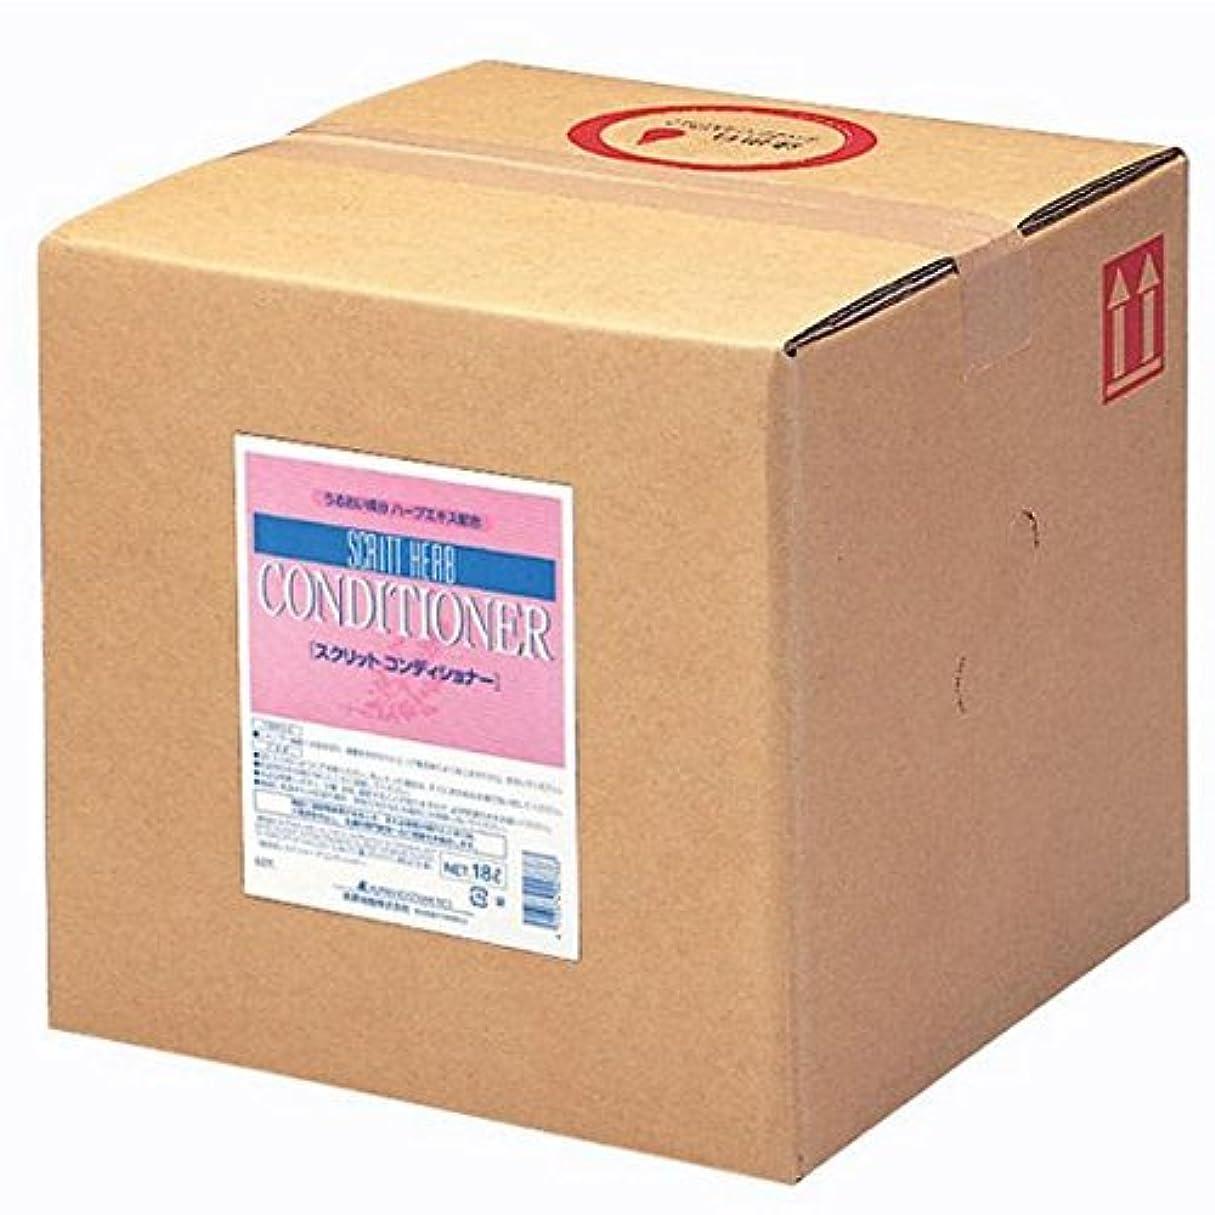 酸化する貧困有名人熊野油脂 スクリット コンディショナー 詰替用 18L 4231